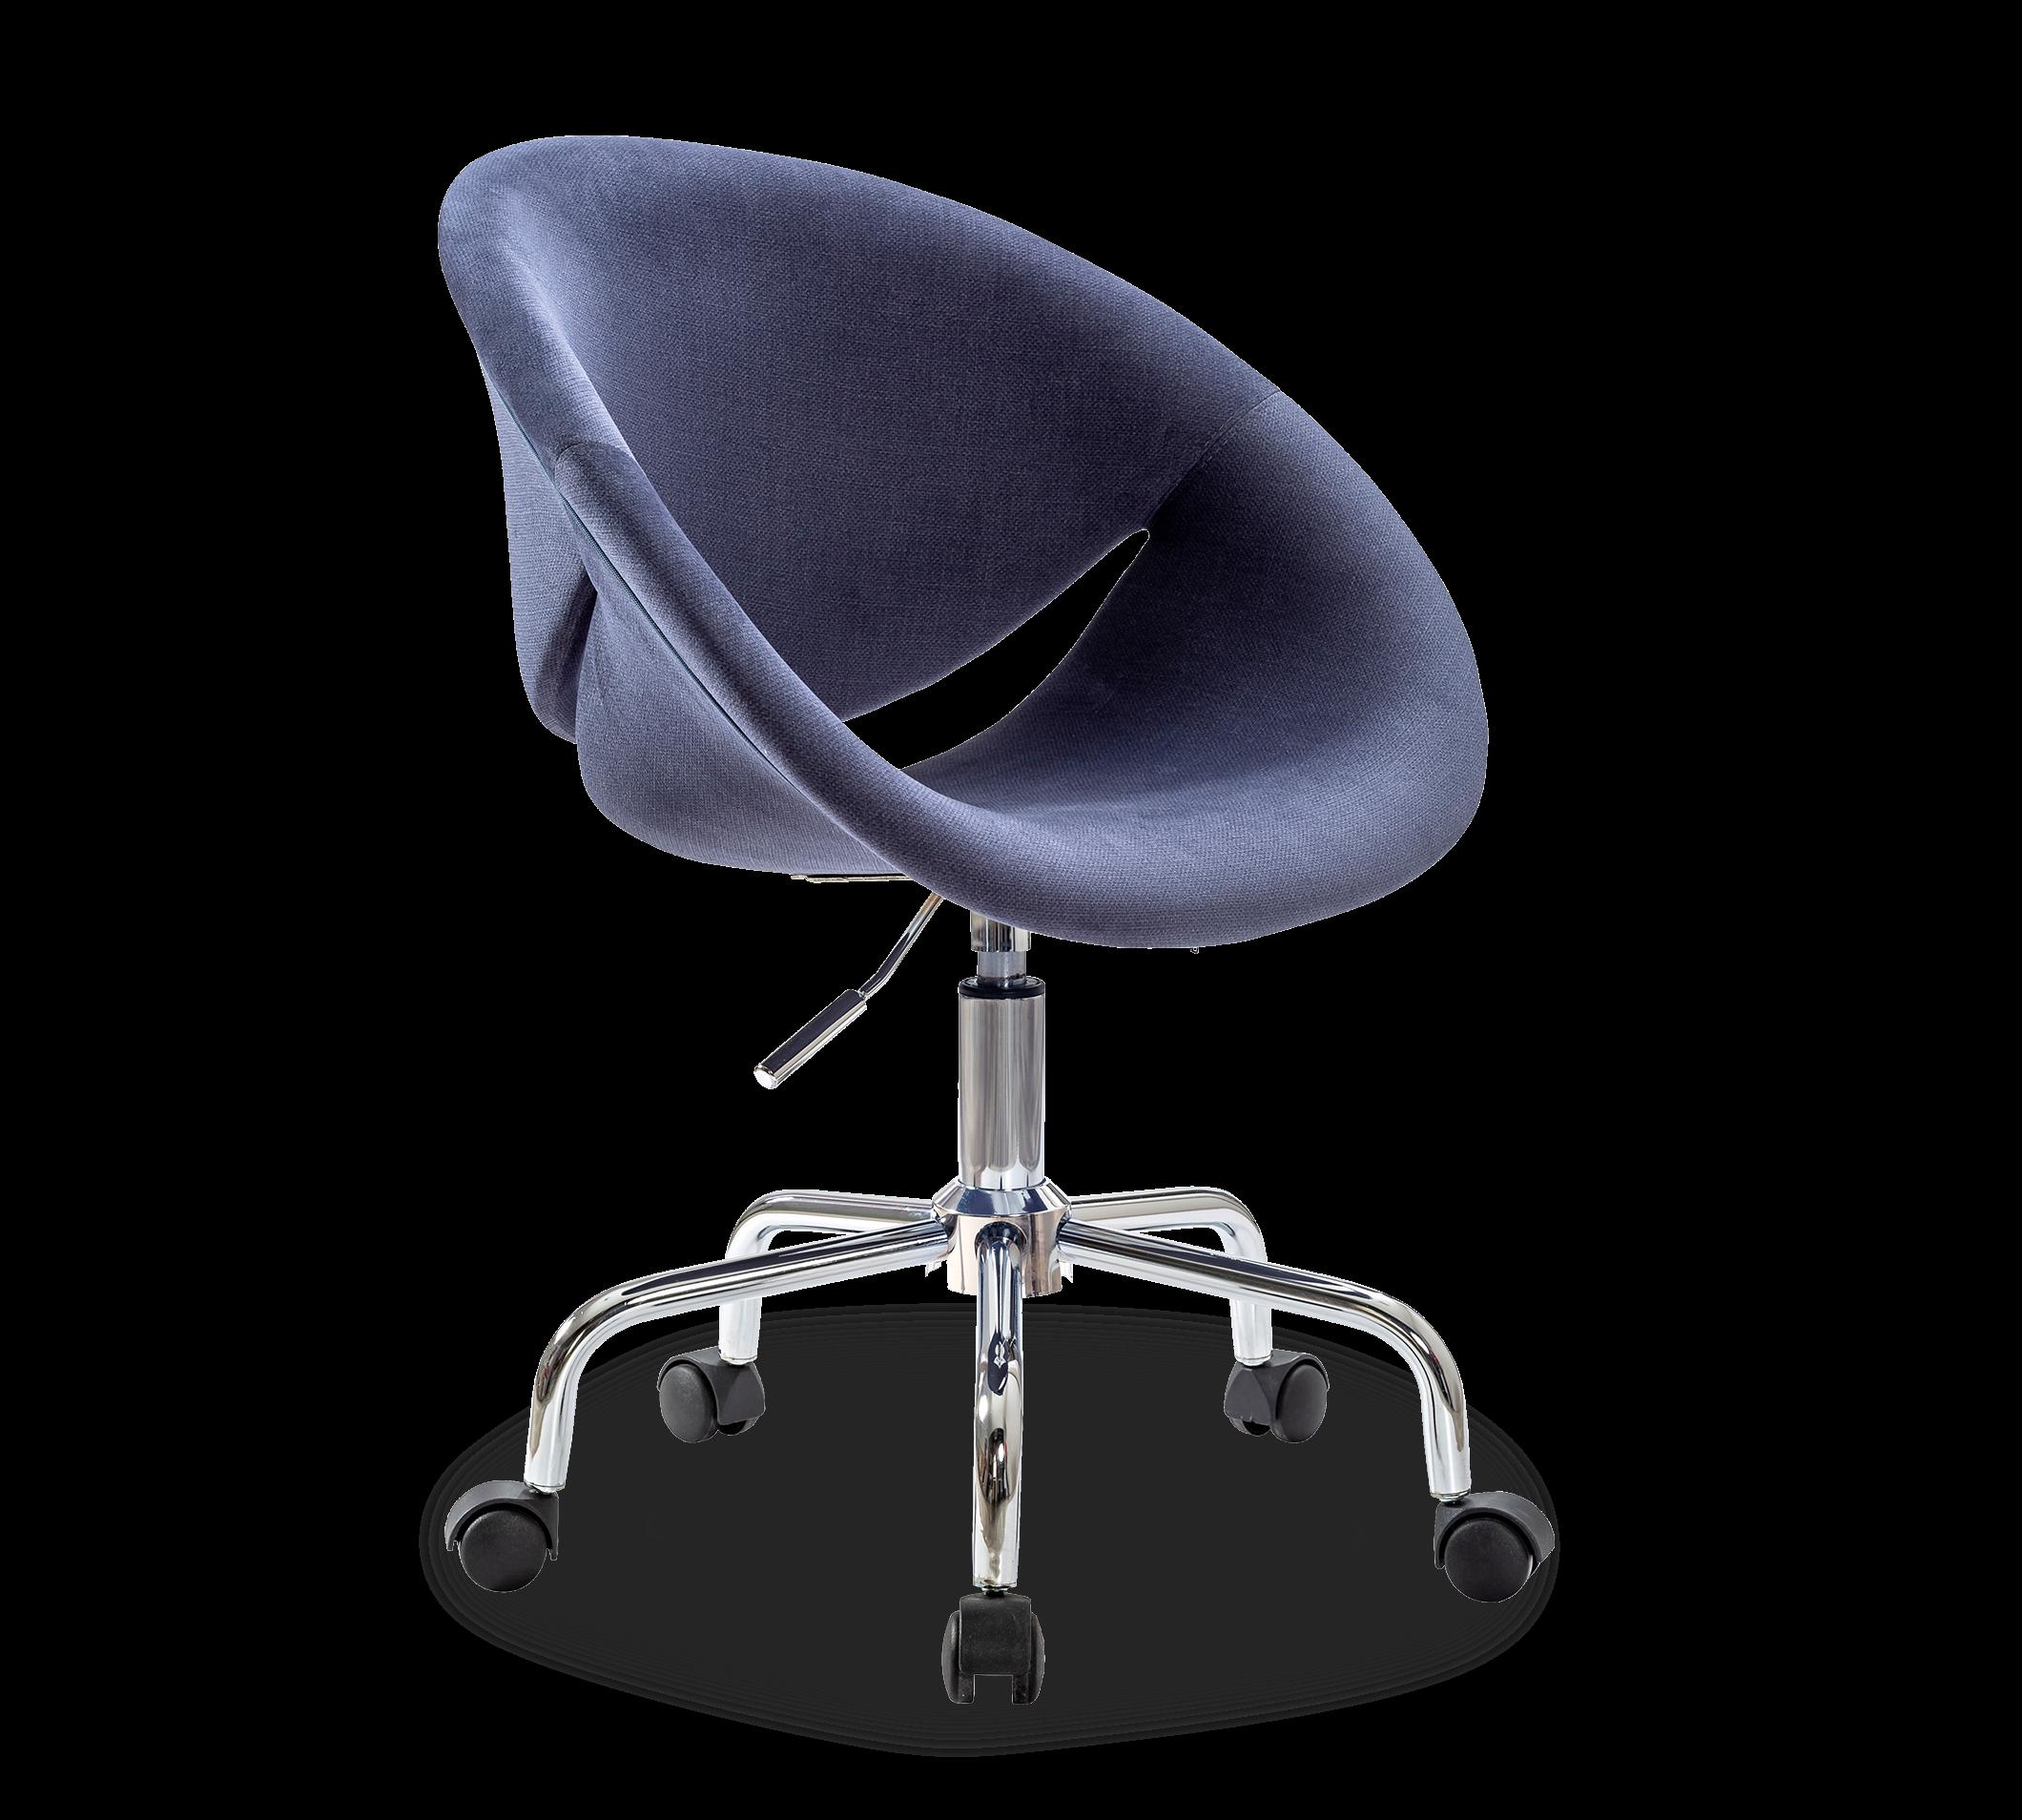 Scaun de birou pentru copii tapitat cu stofa Relax Navy Blue l61xA54xH88-95 cm